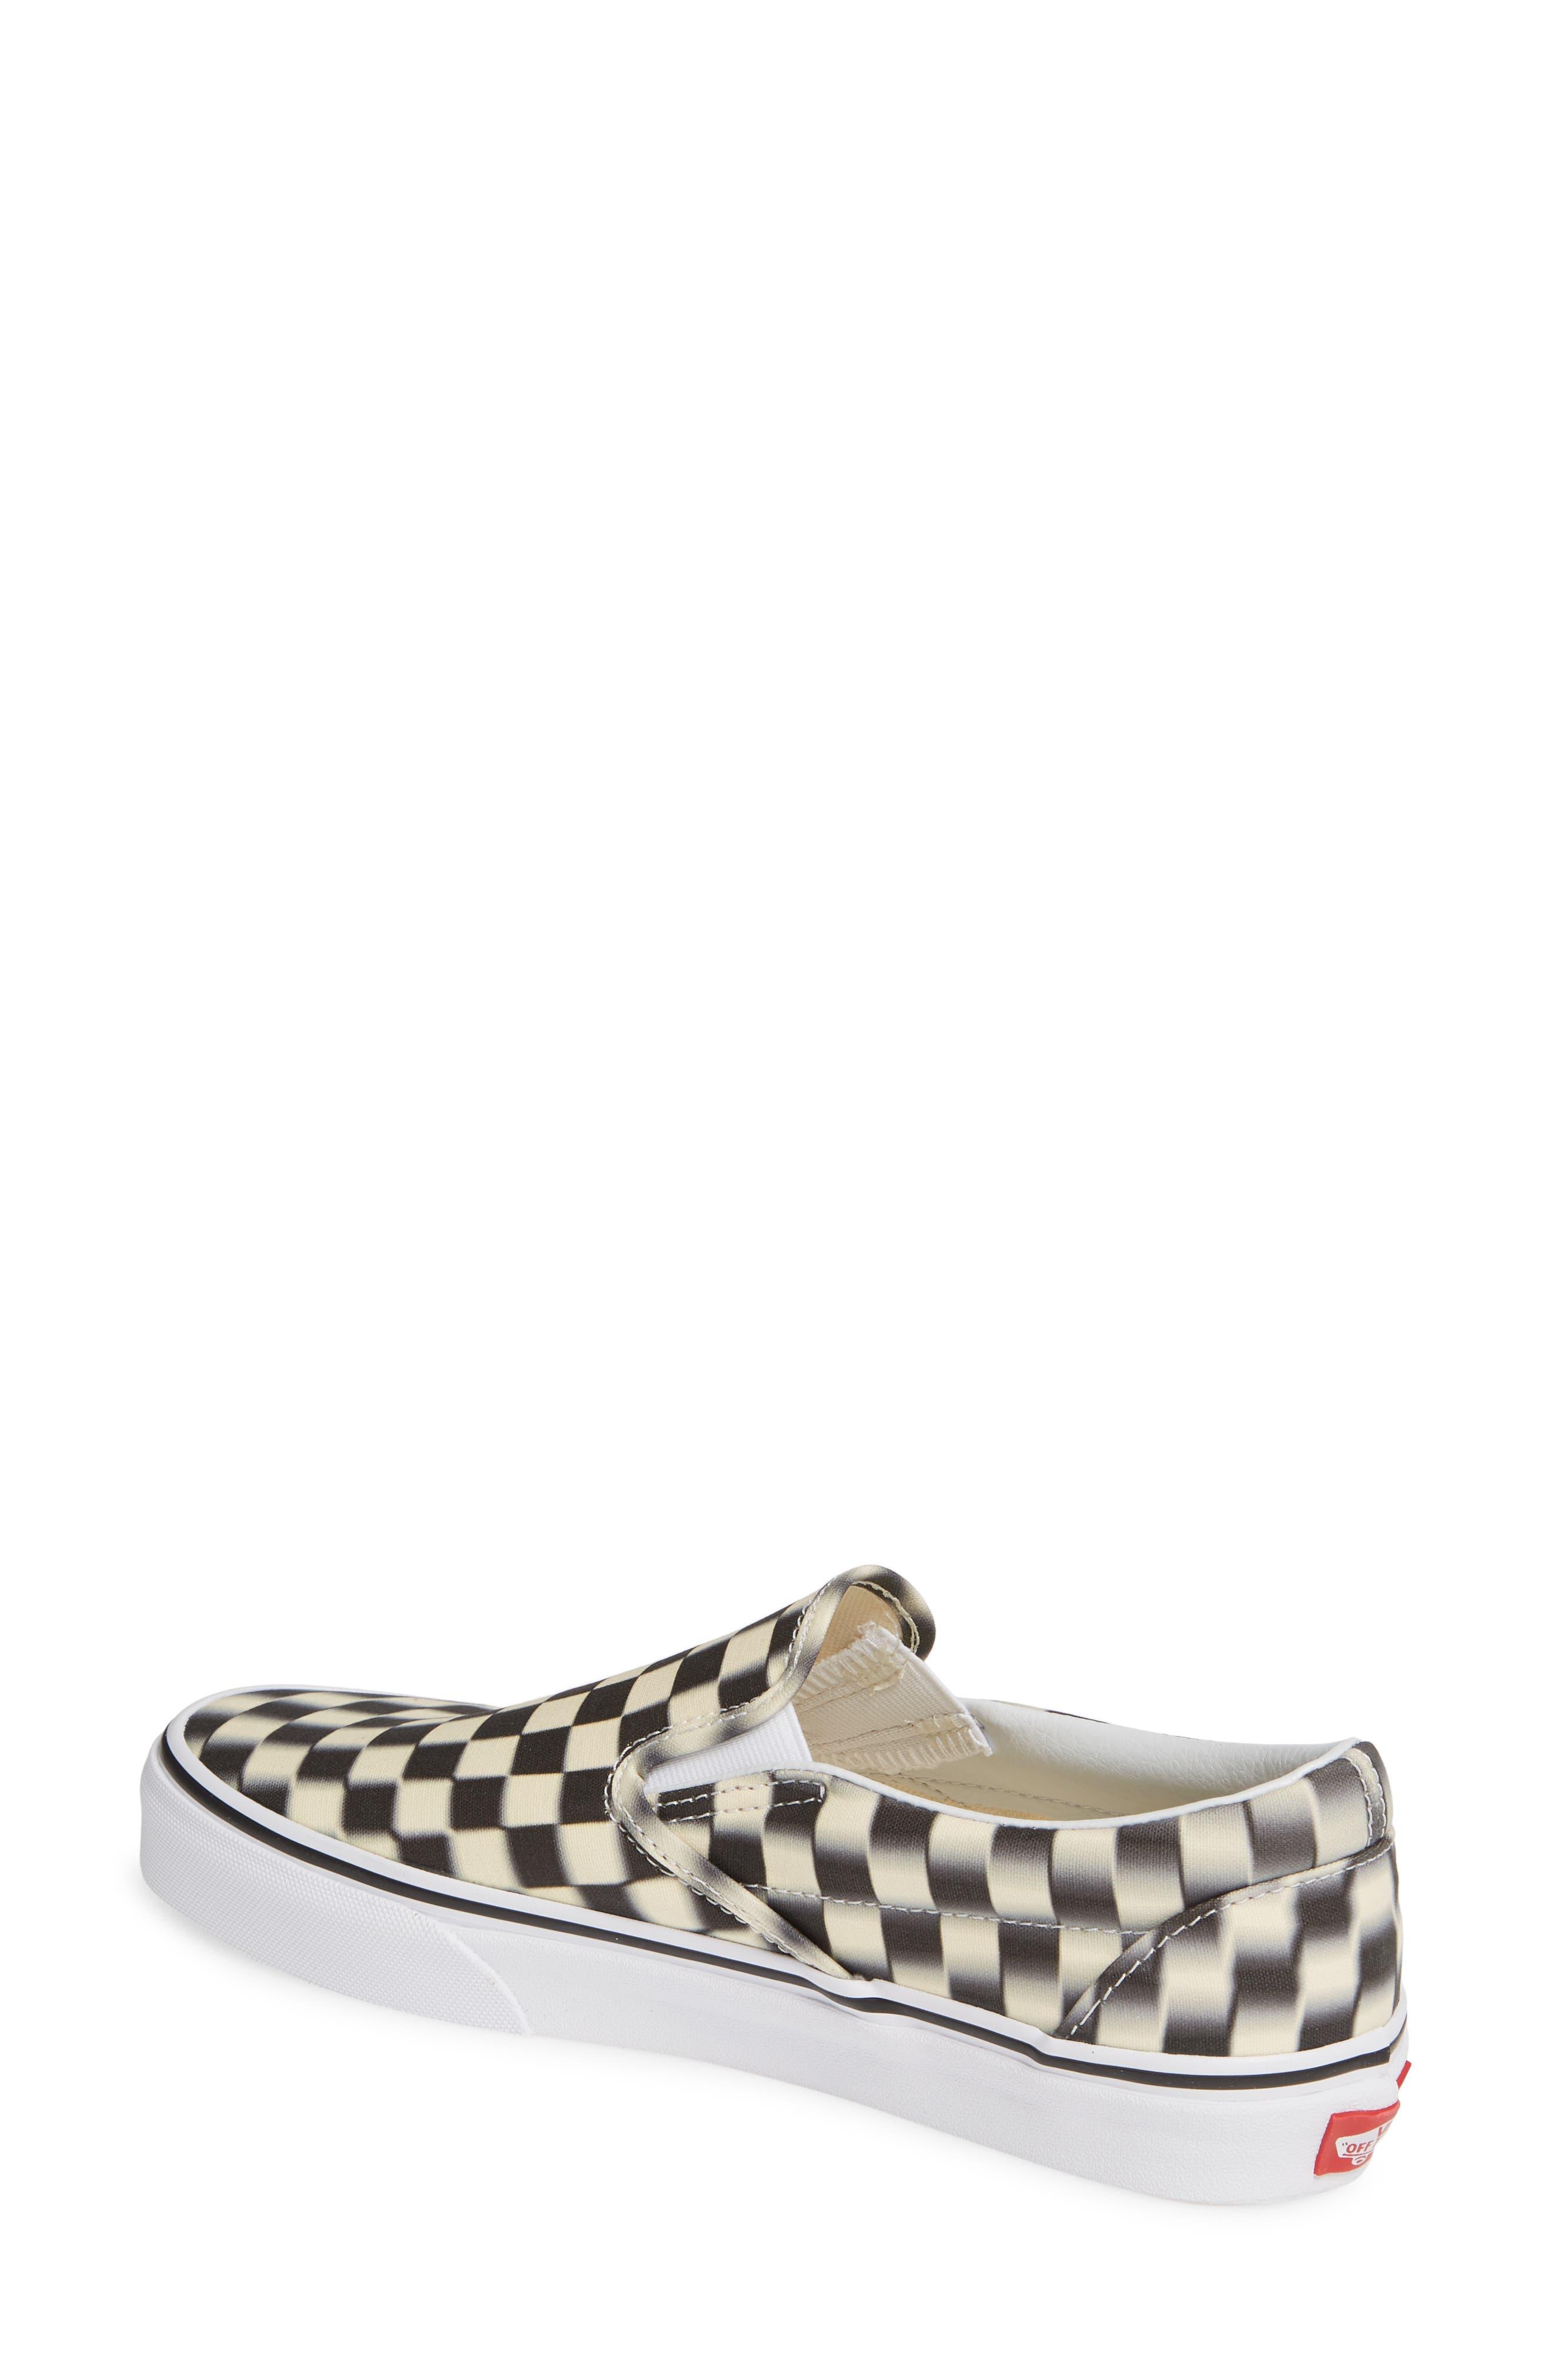 VANS, Classic Slip-On Sneaker, Alternate thumbnail 2, color, 011